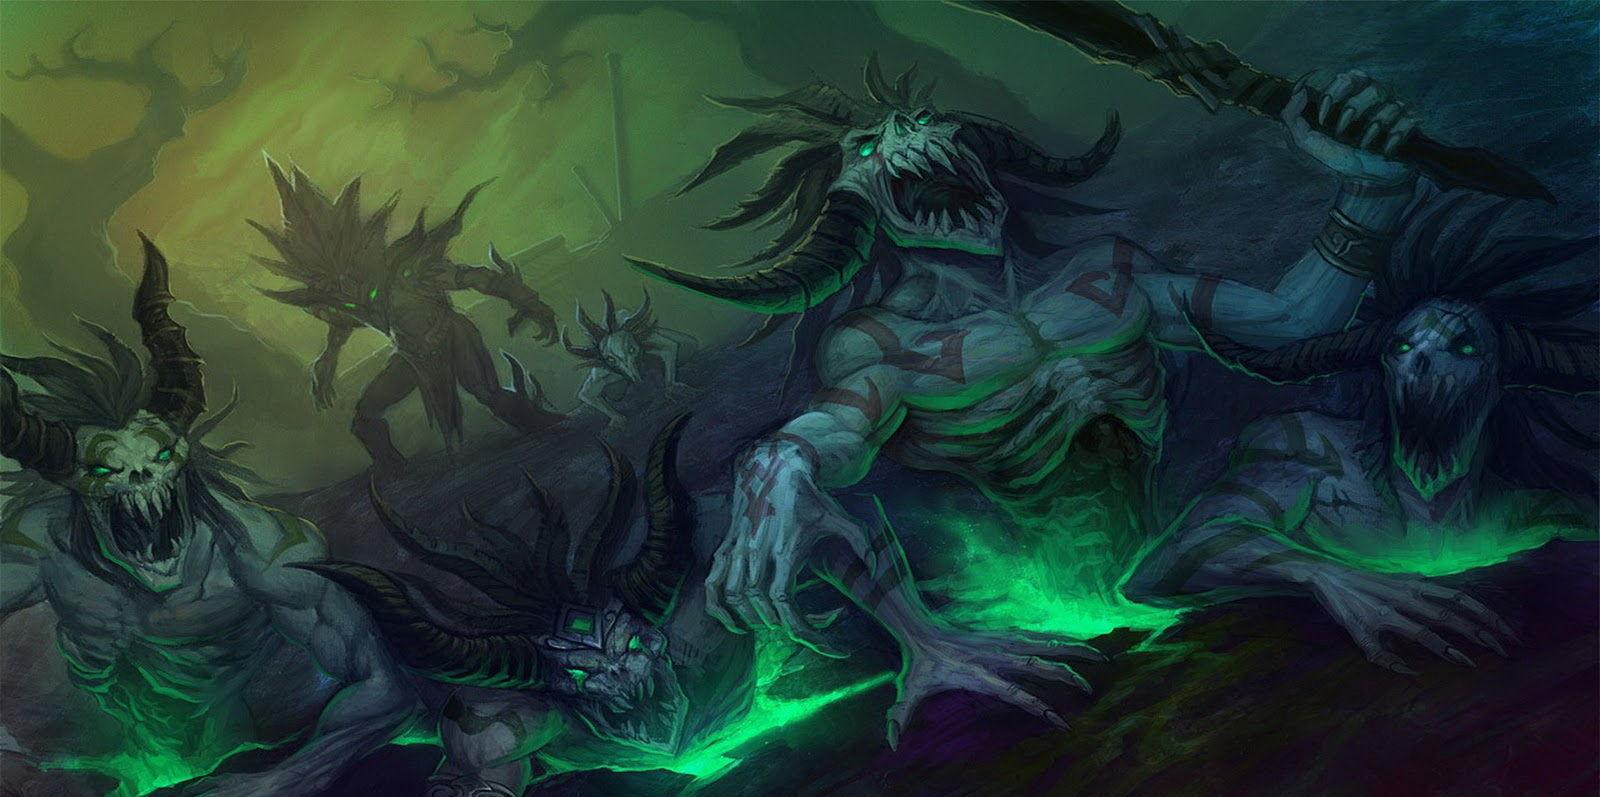 暗黑3巫医魔牙流主流技能伤害能力的初步计算